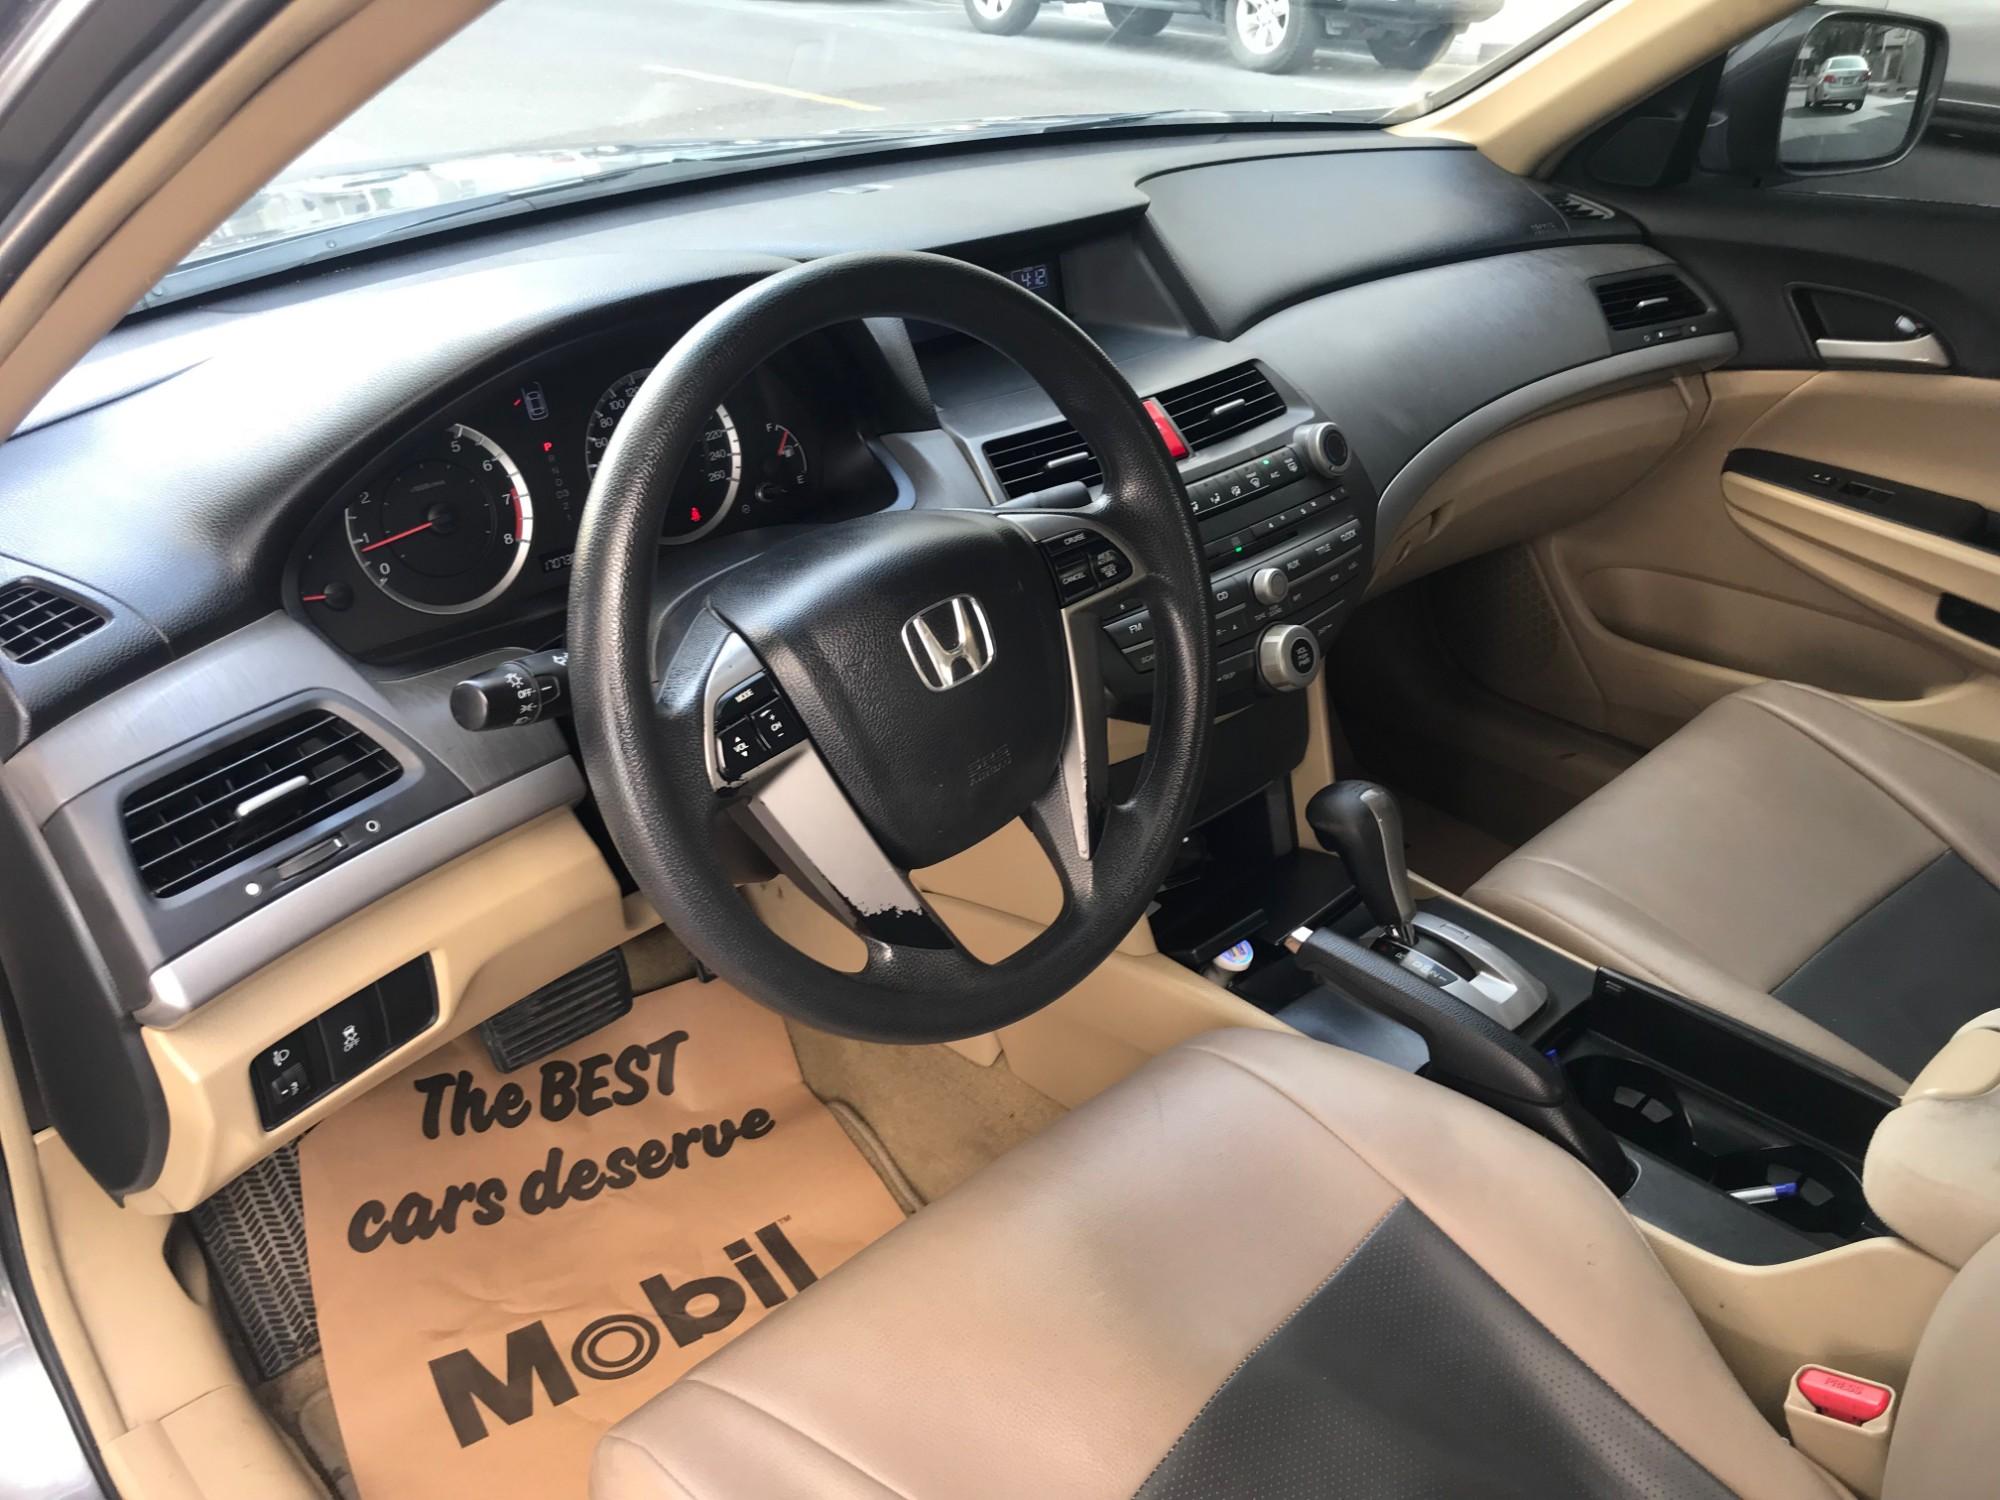 Kelebihan Kekurangan Mobil Honda Accord Spesifikasi